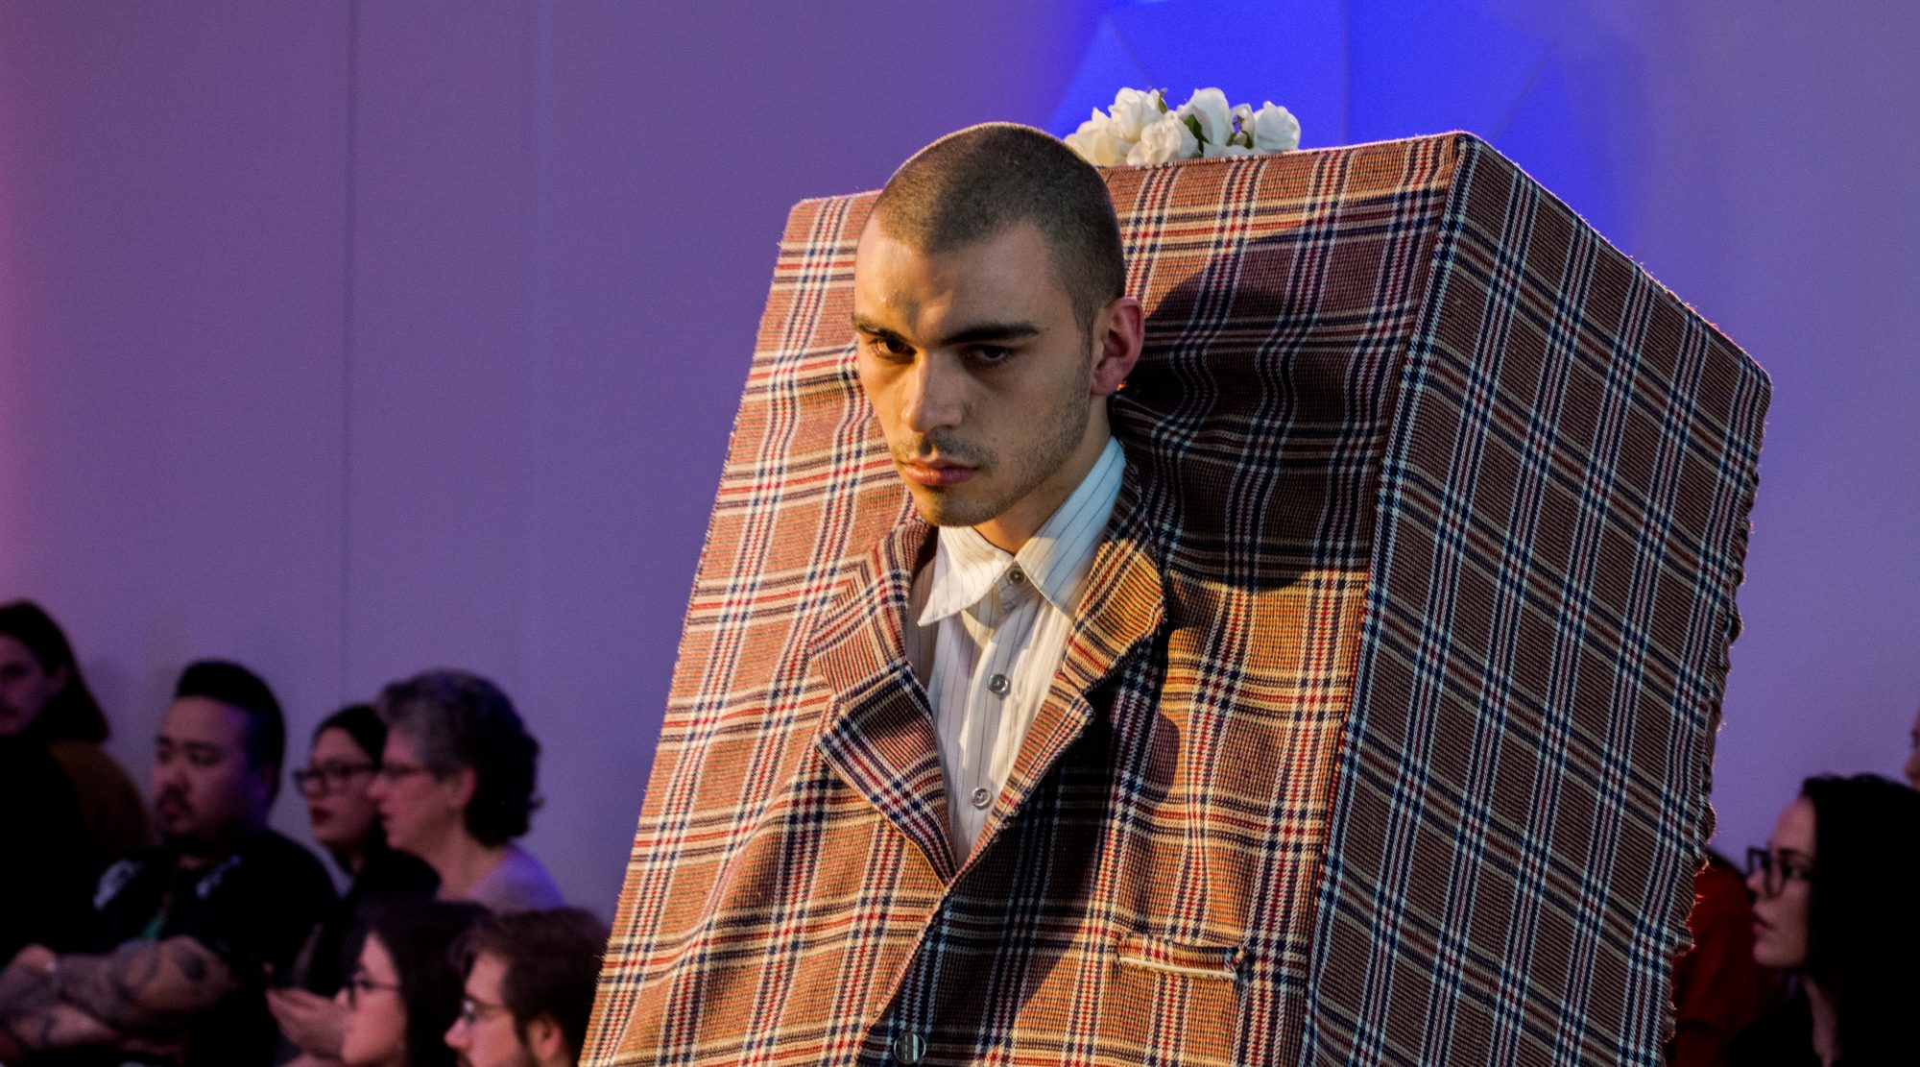 Défilé de mode de l'AéESM : entre mode et études